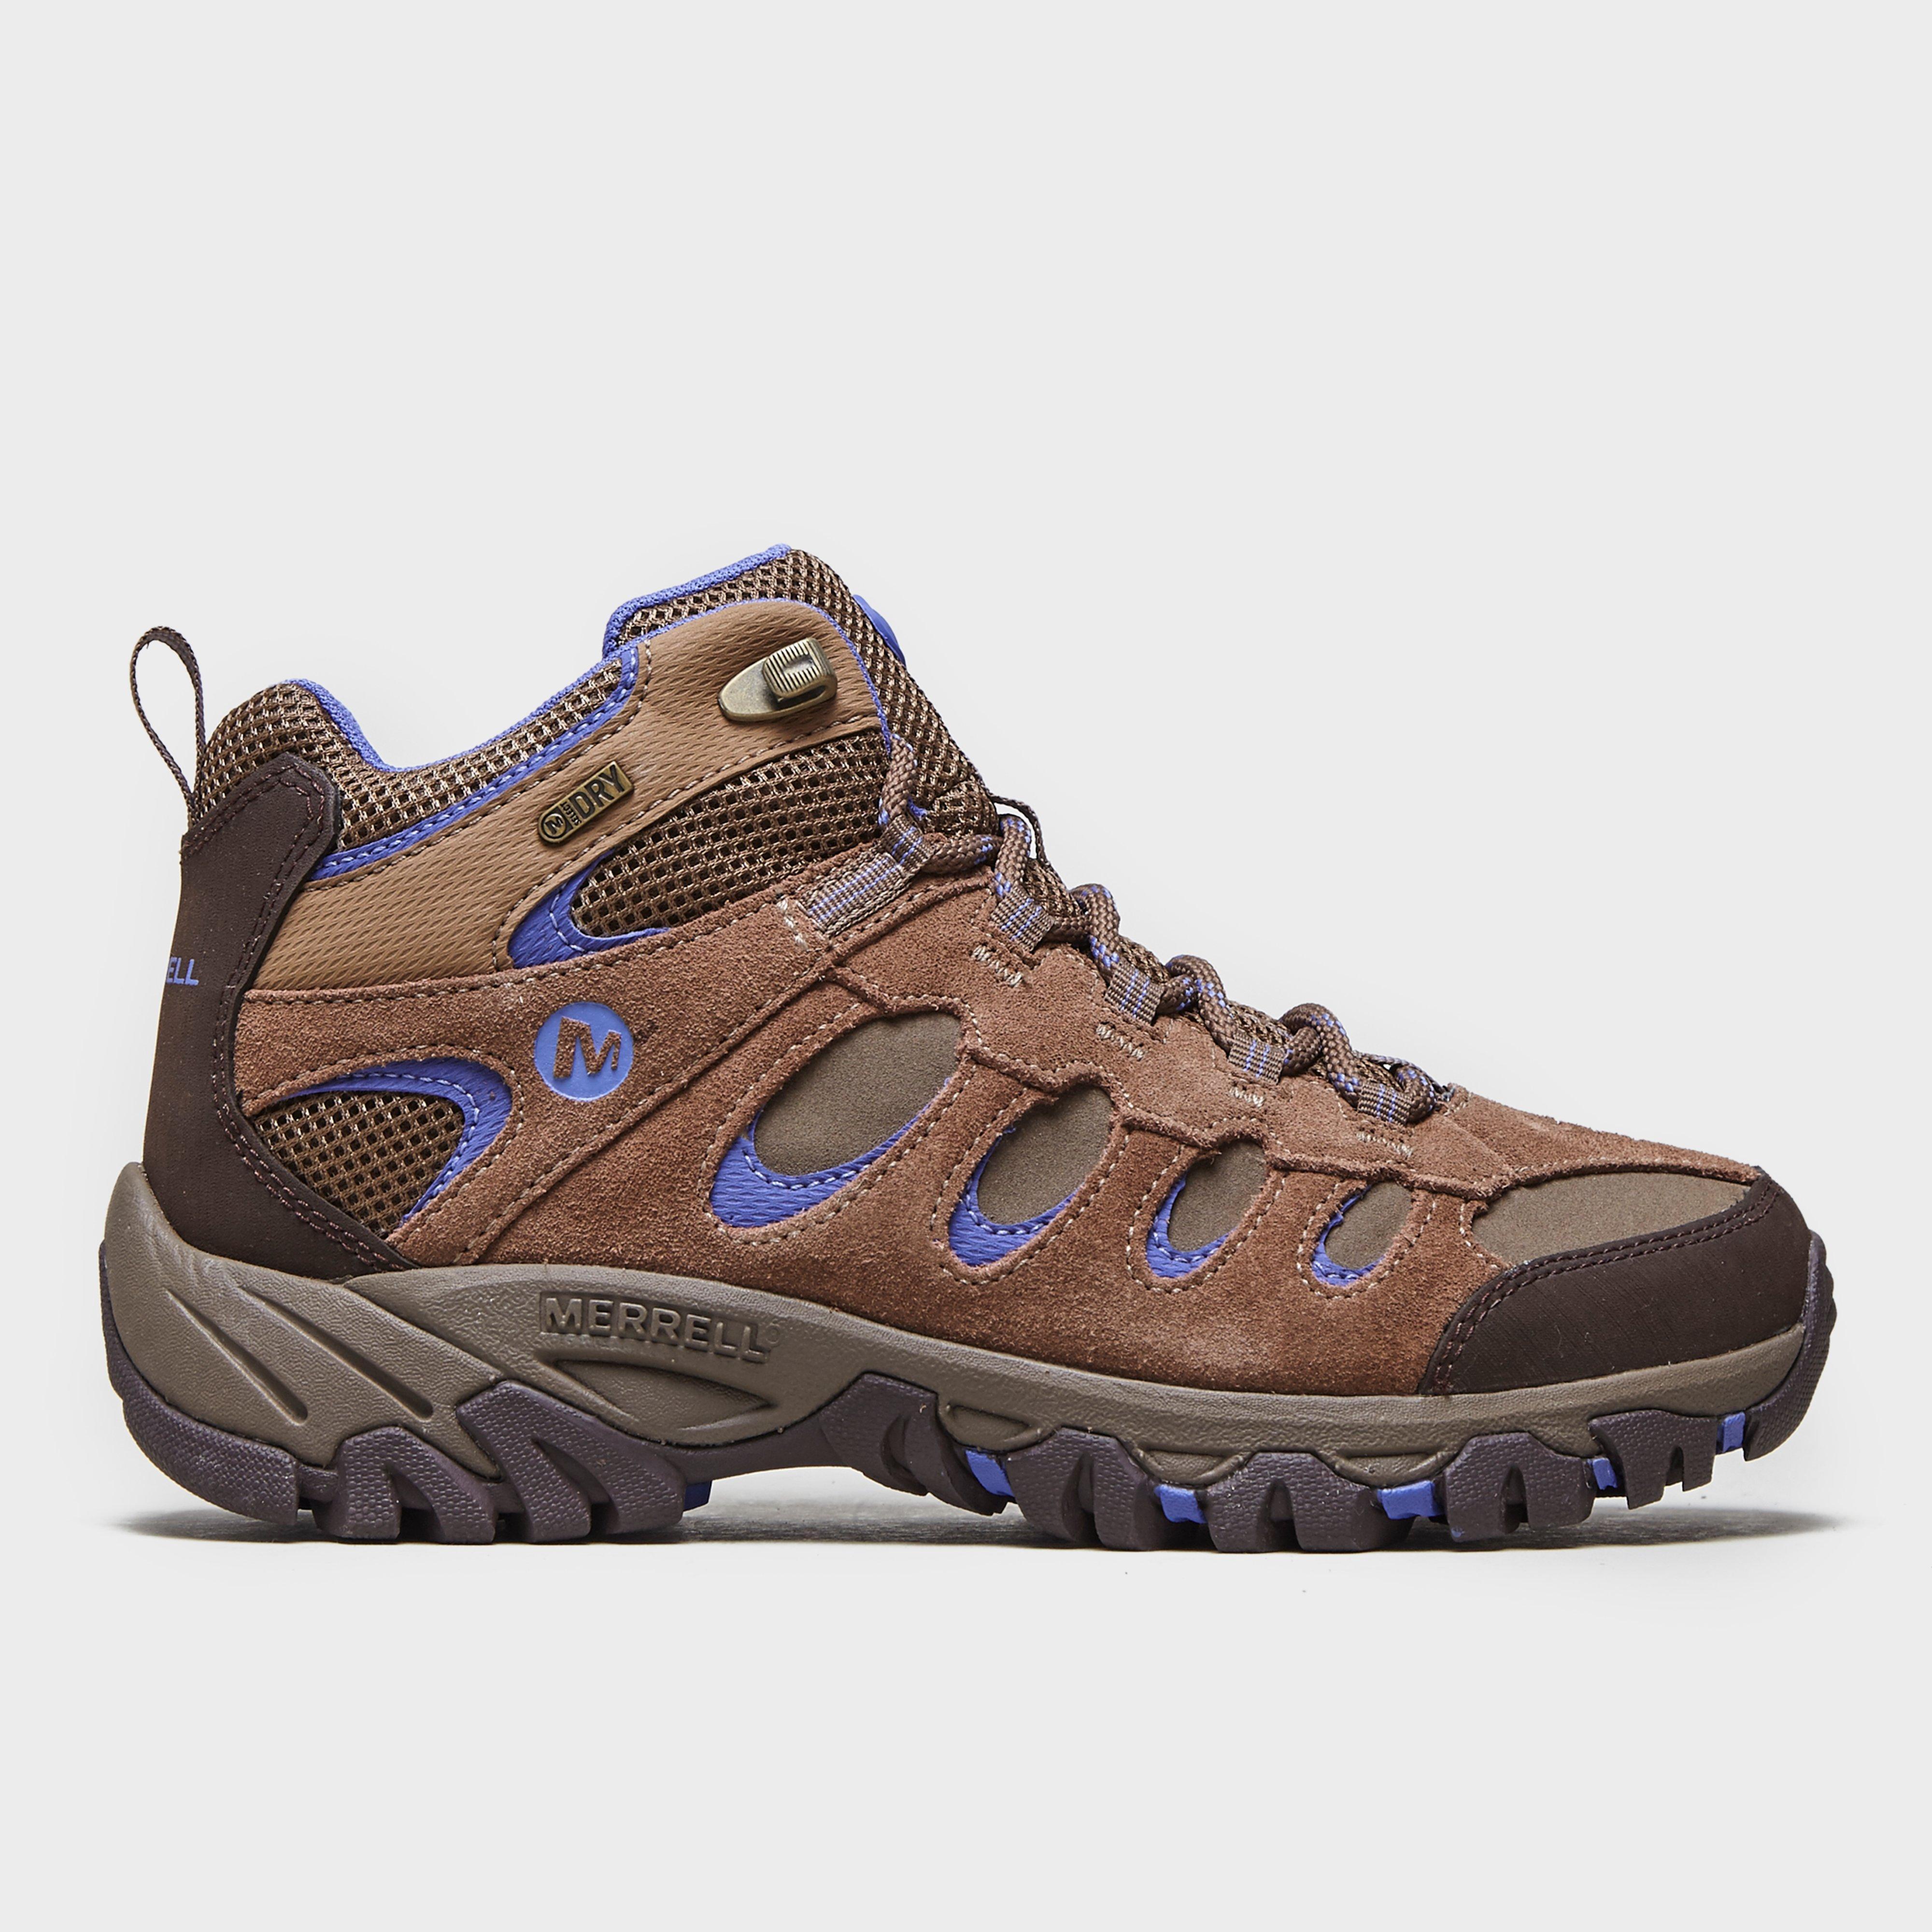 Merrell Women s Ridgepass Mid Waterproof Shoes